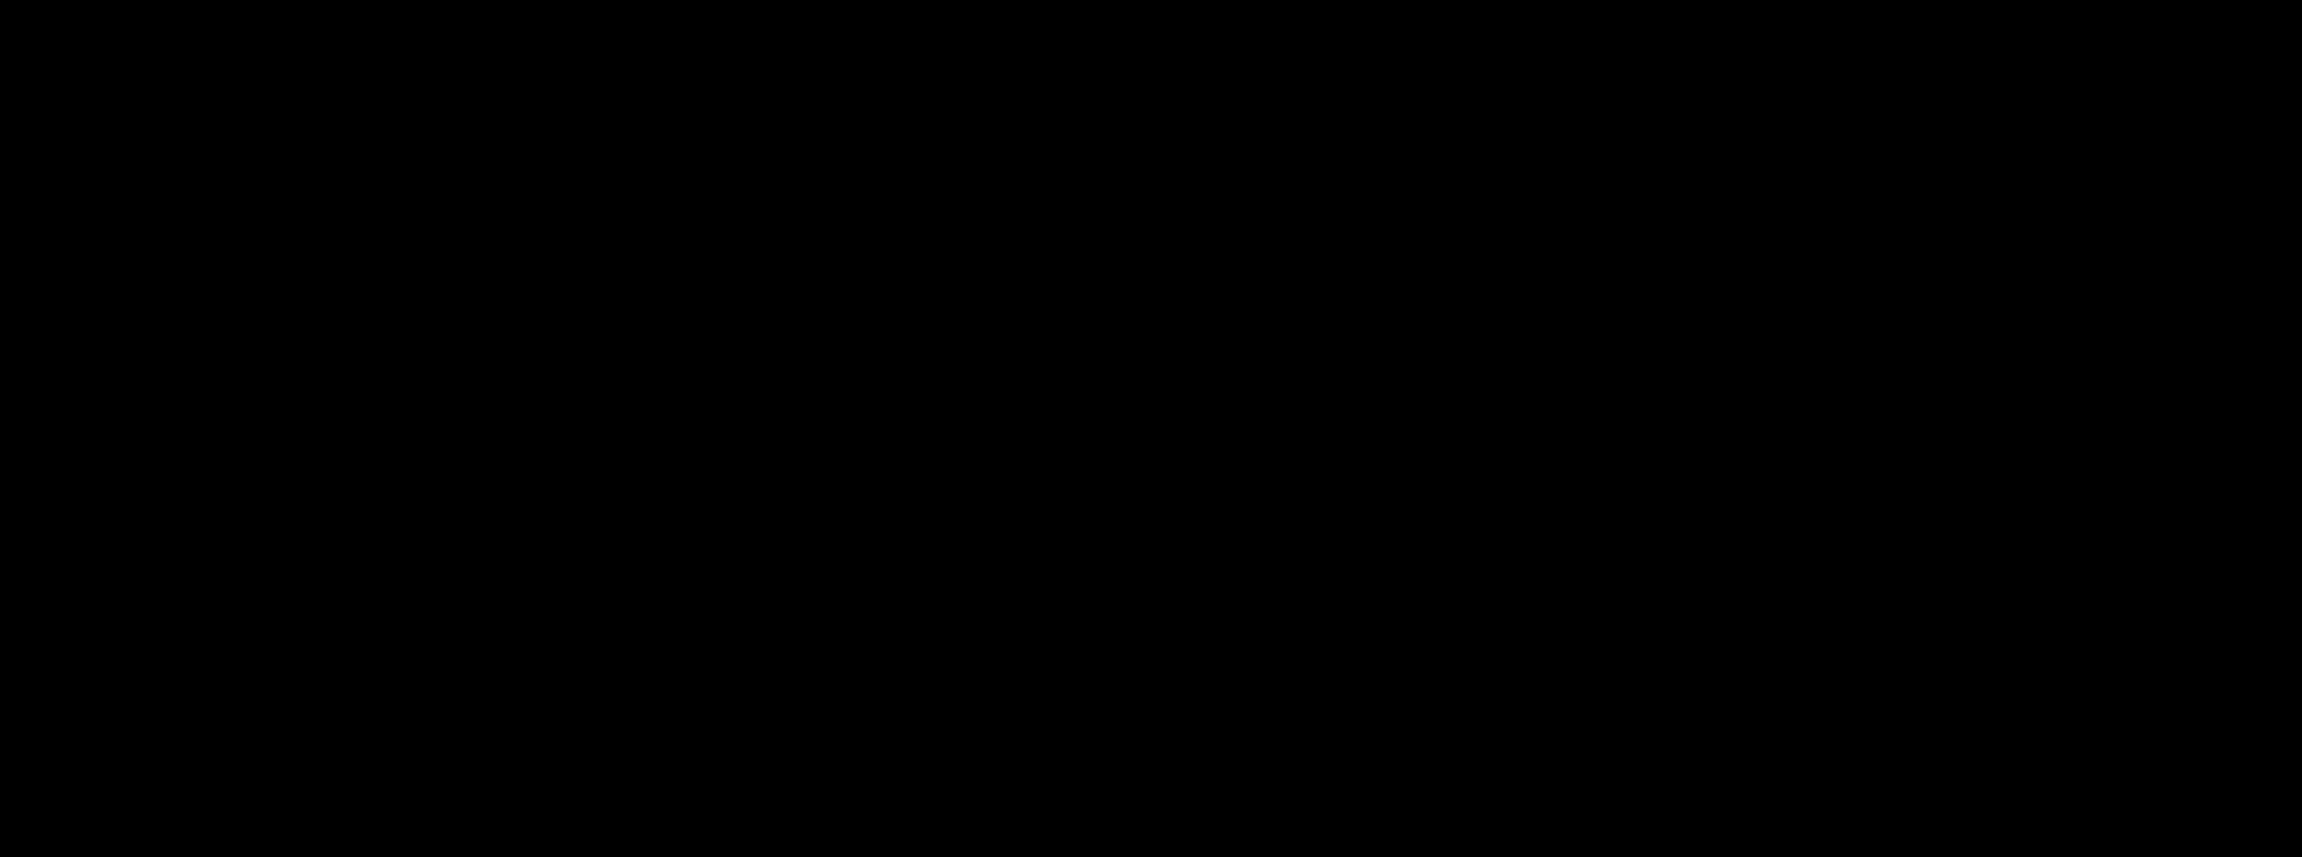 LieblingsSpeis Logo